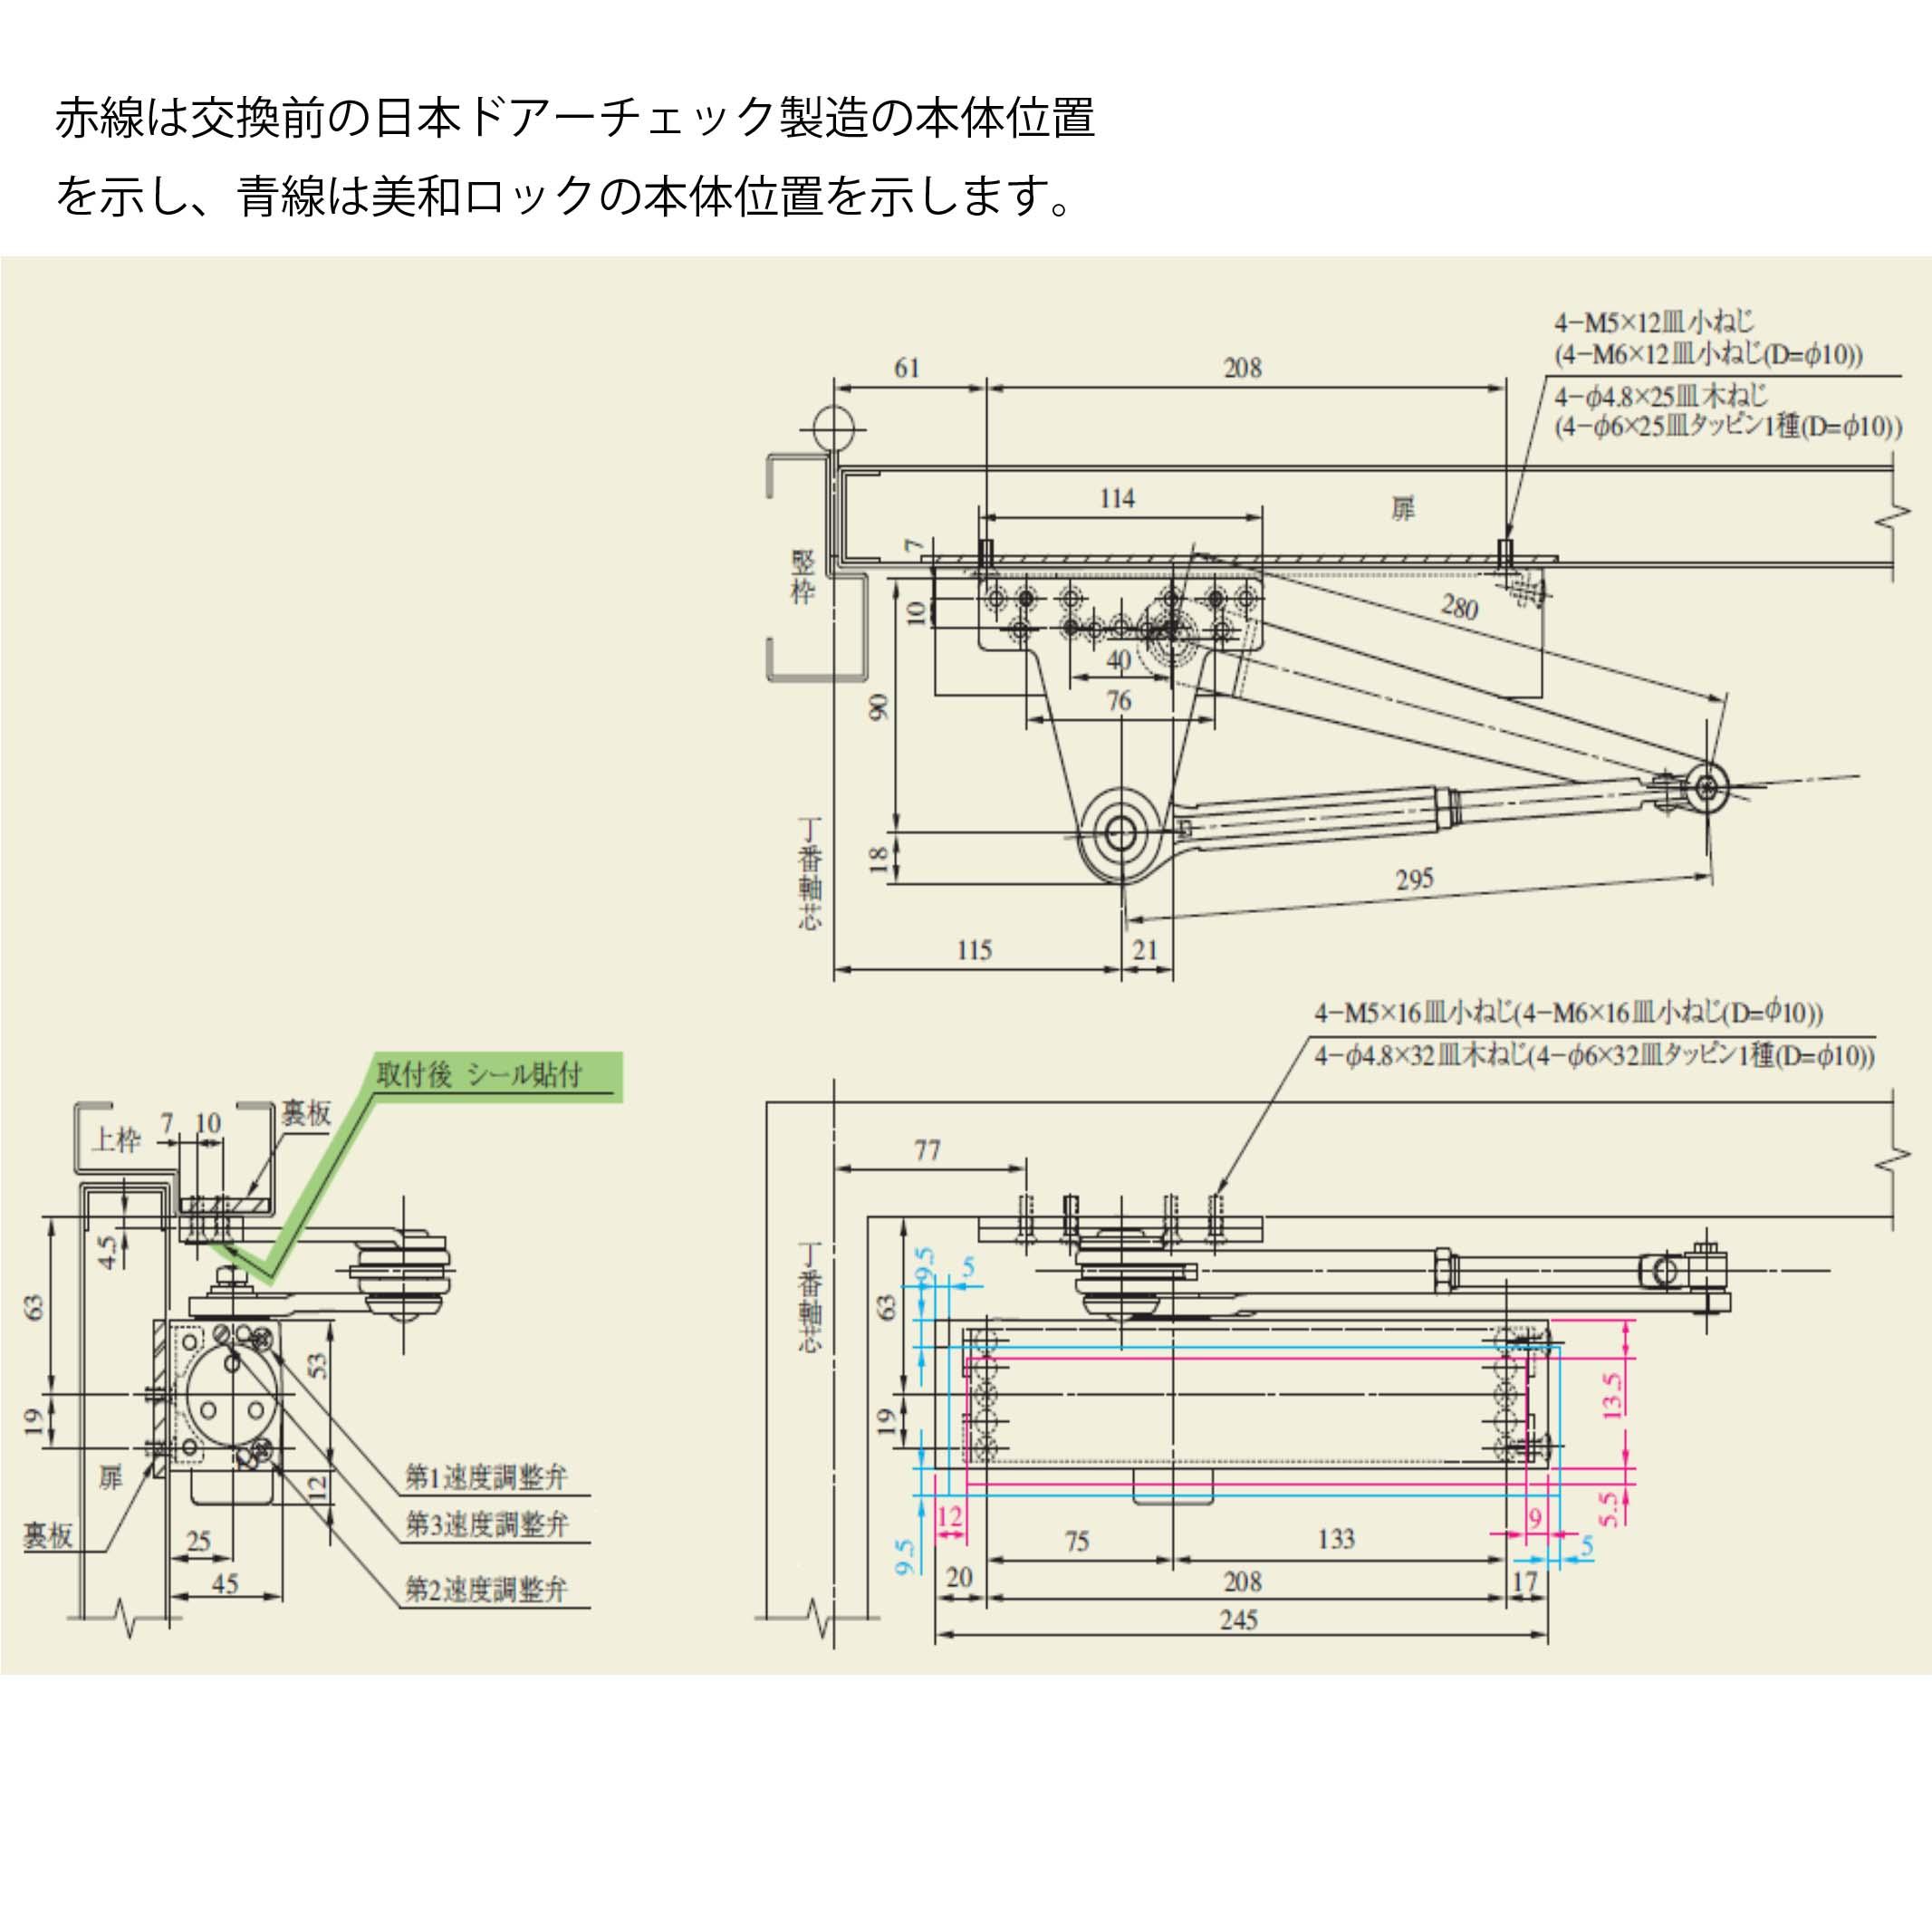 日本ドアーチェック製造㈱ P-83型、P183型及び美和ロック㈱ M803P型、M803PS型から交換の場合